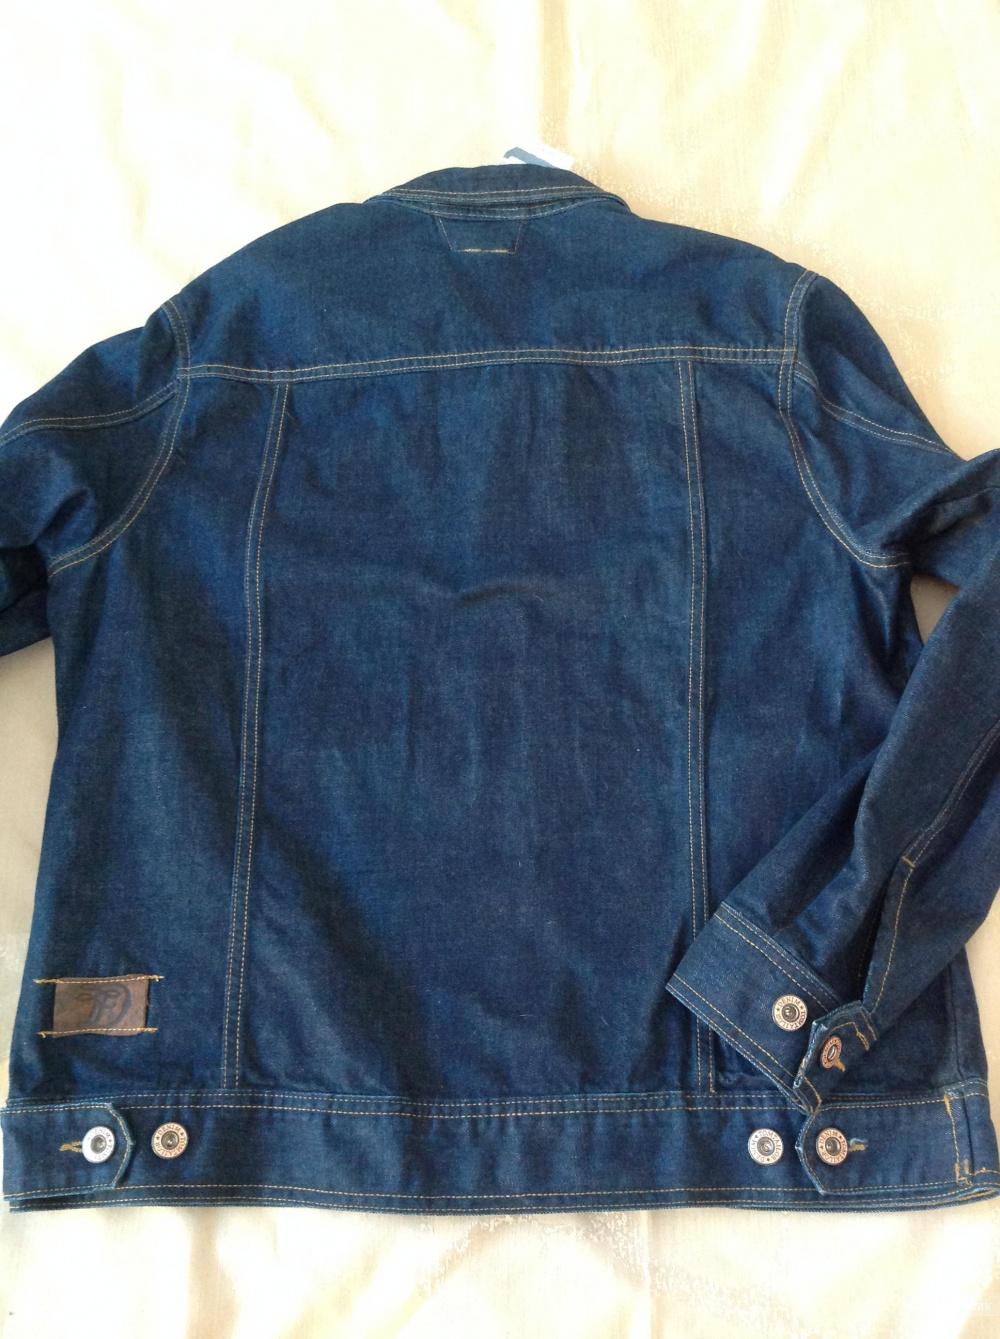 Куртка джинсовая Tom Tailor, XXL, на 52-54-56